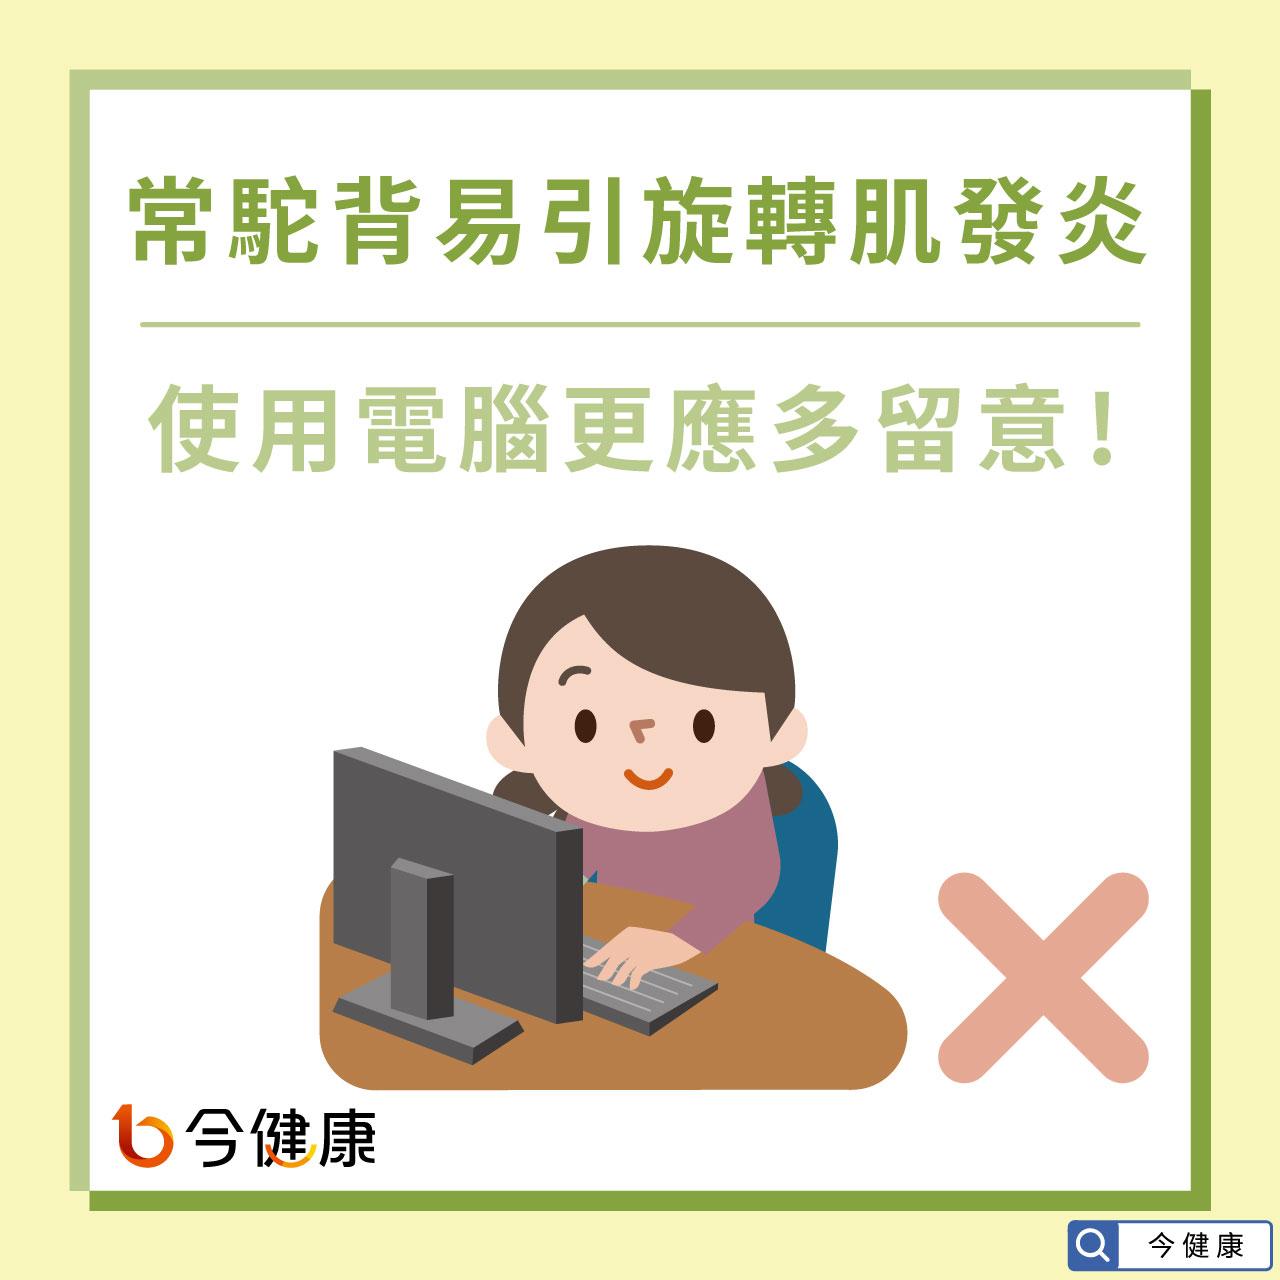 常駝背易引旋轉肌發炎,使用電腦更應多留意!